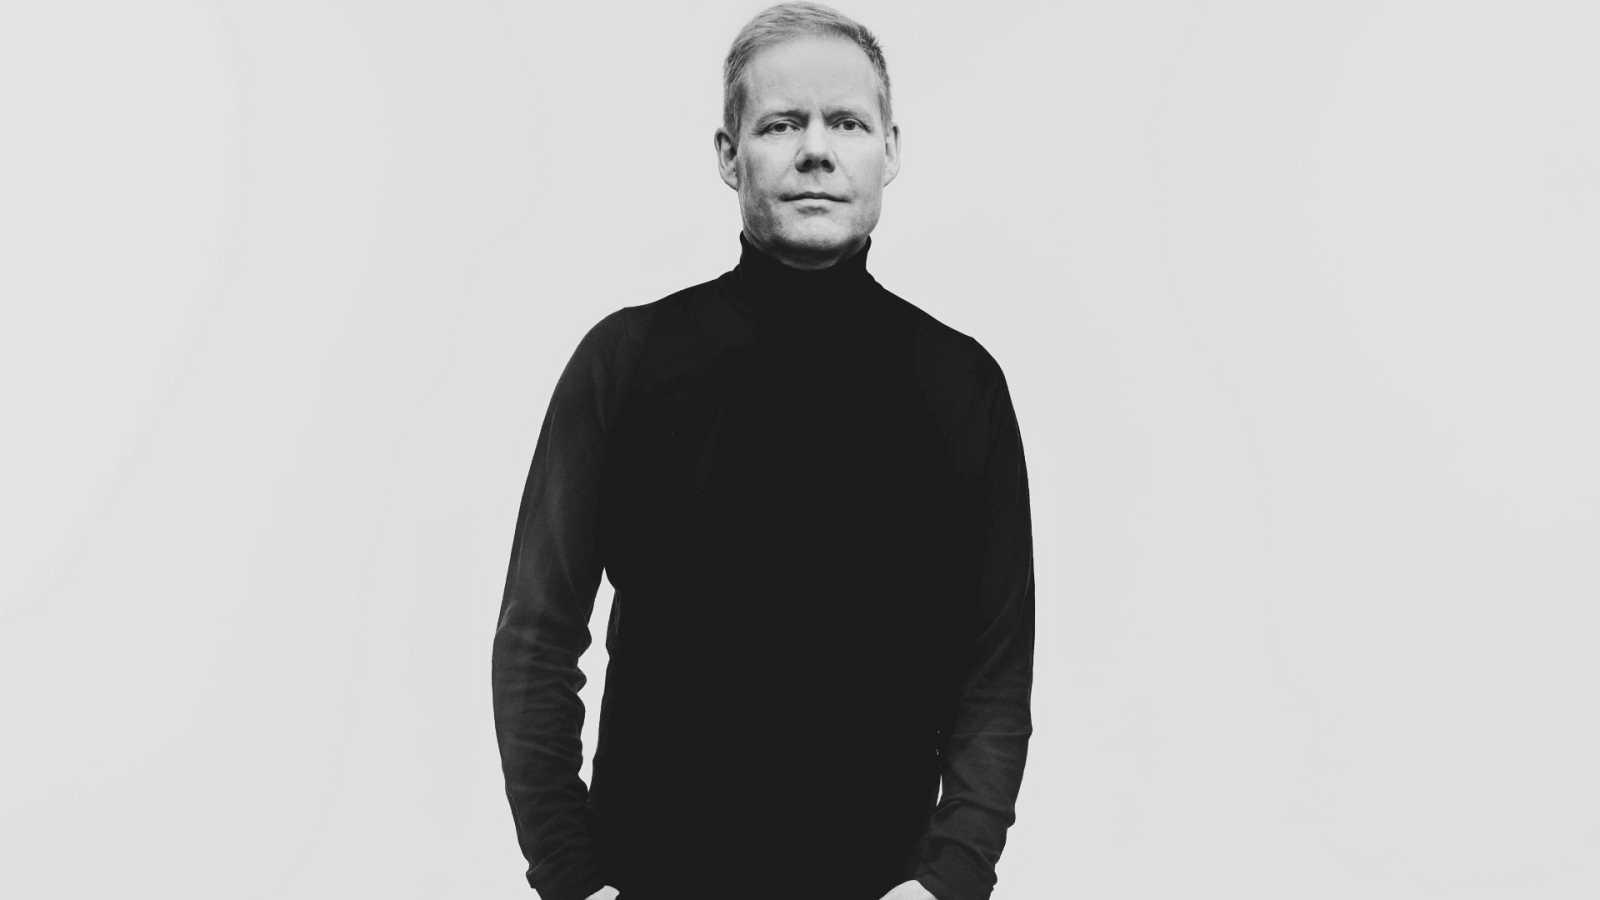 Tendencias - Max Richter presenta la app 'Sleep' -  28/07/20 - Escuchar ahora